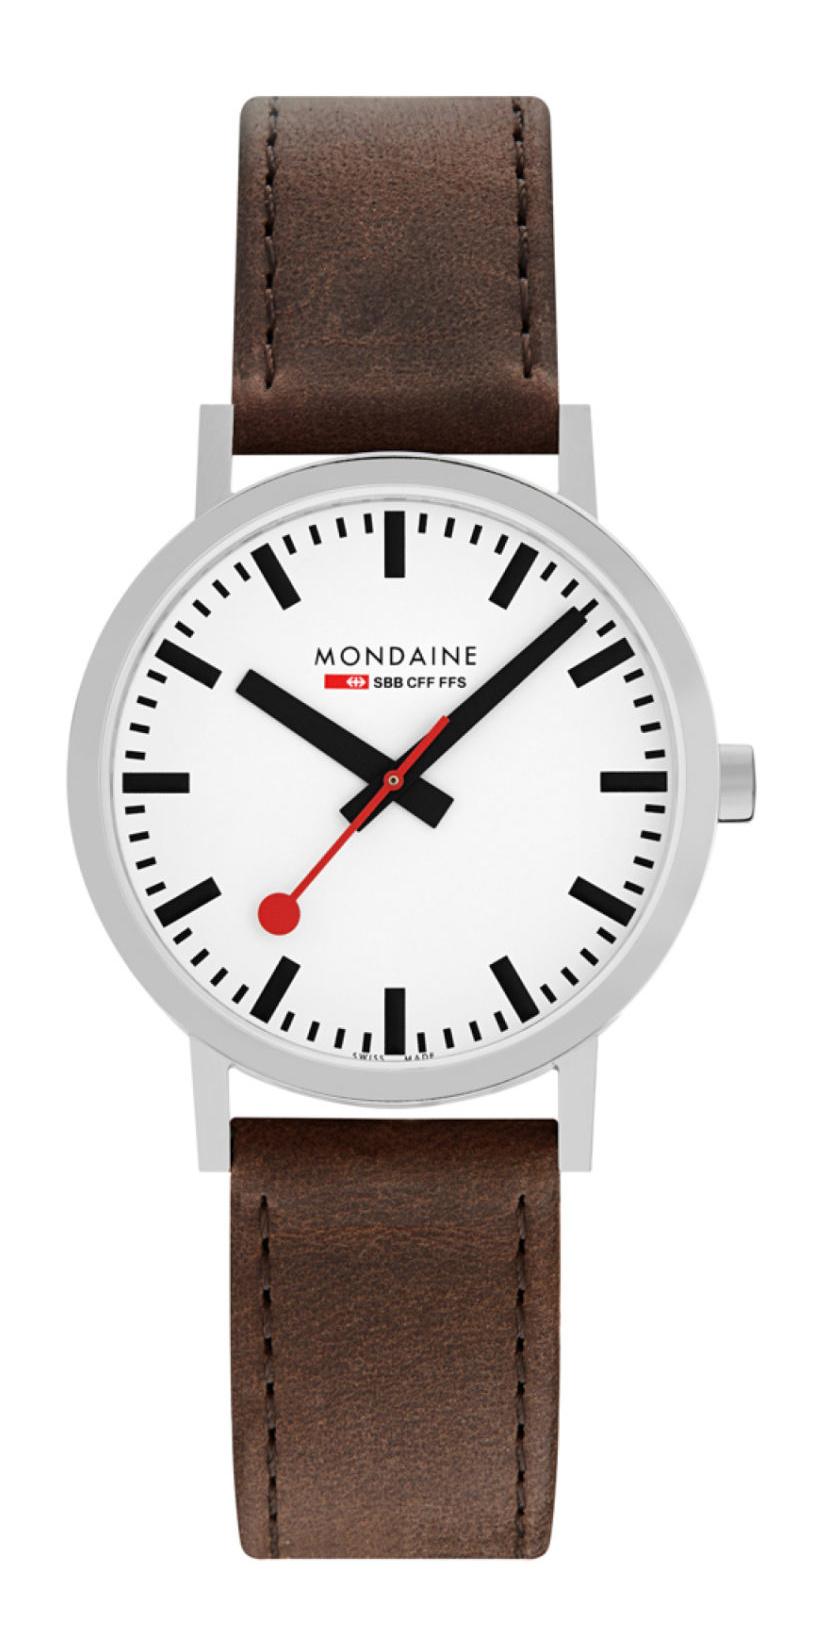 Mondaine - Horloge Unisex - SBB Classic - M660.30360.11SBG-1